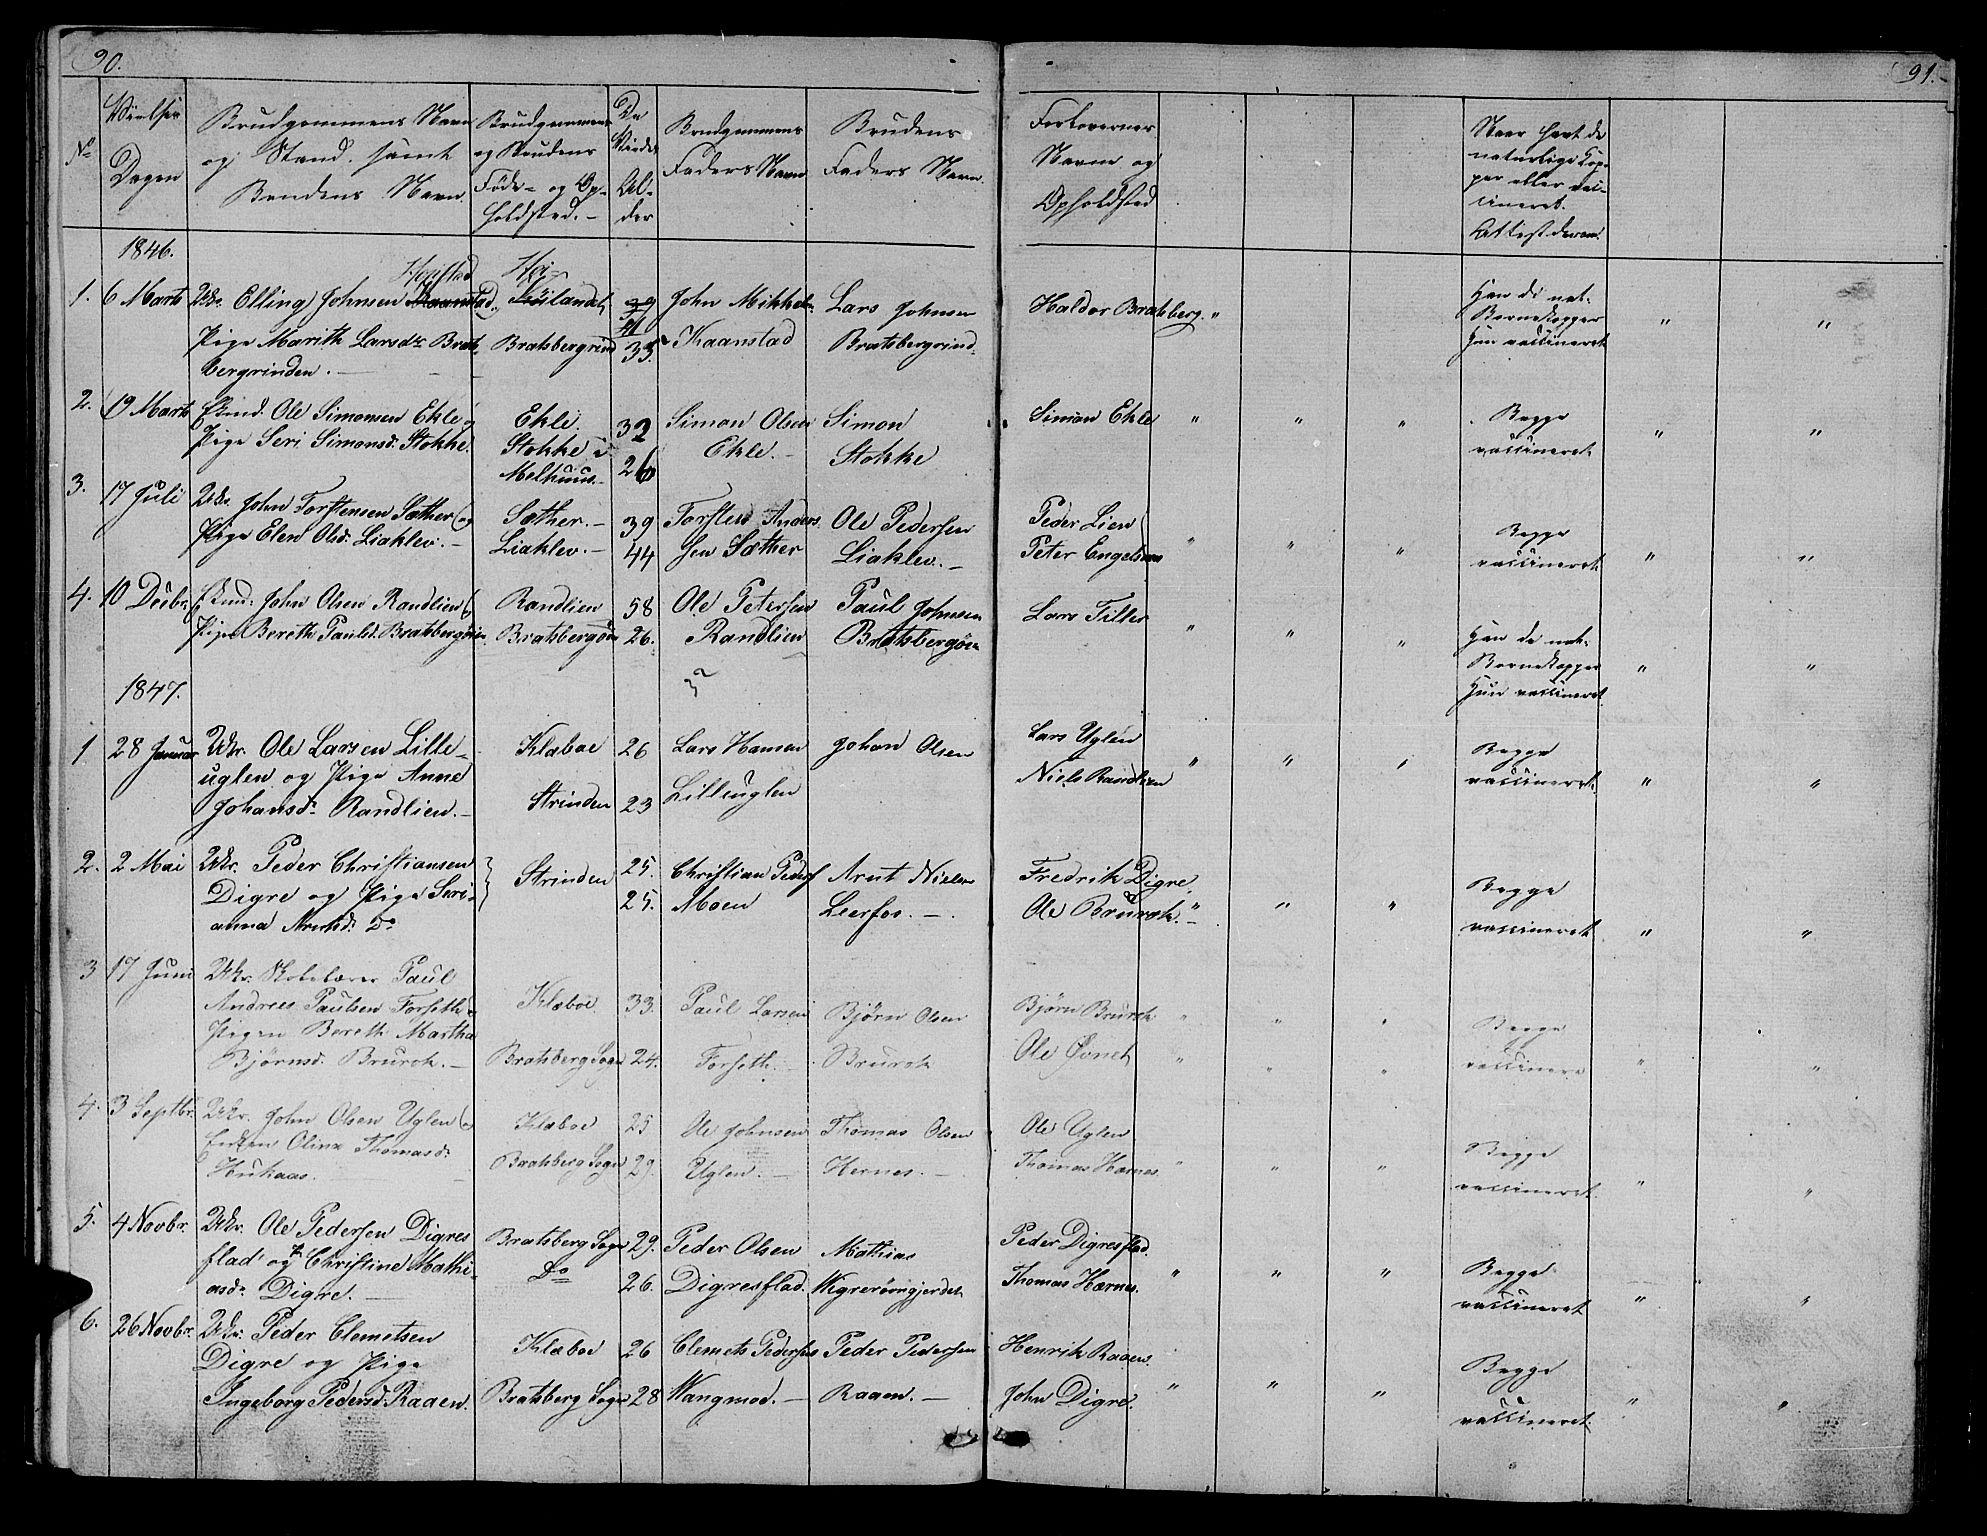 SAT, Ministerialprotokoller, klokkerbøker og fødselsregistre - Sør-Trøndelag, 608/L0339: Klokkerbok nr. 608C05, 1844-1863, s. 90-91